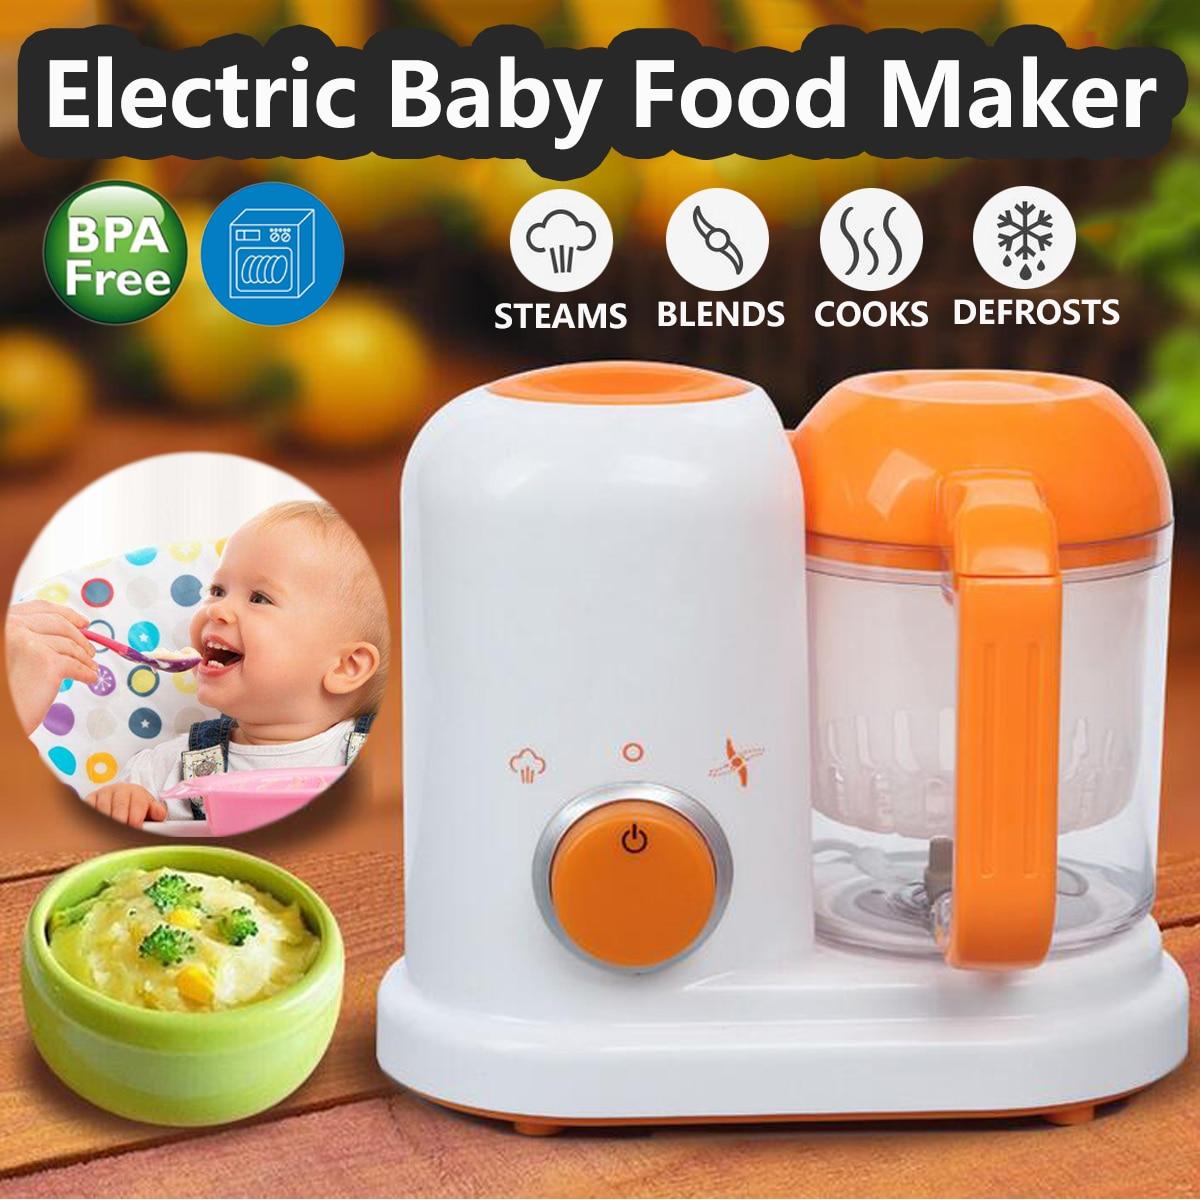 Electric Baby Food Maker Multi-function Toddler Blenders Steamer Processor BPA Free Food-Graded PP Infant Fruit Vegetable Maker